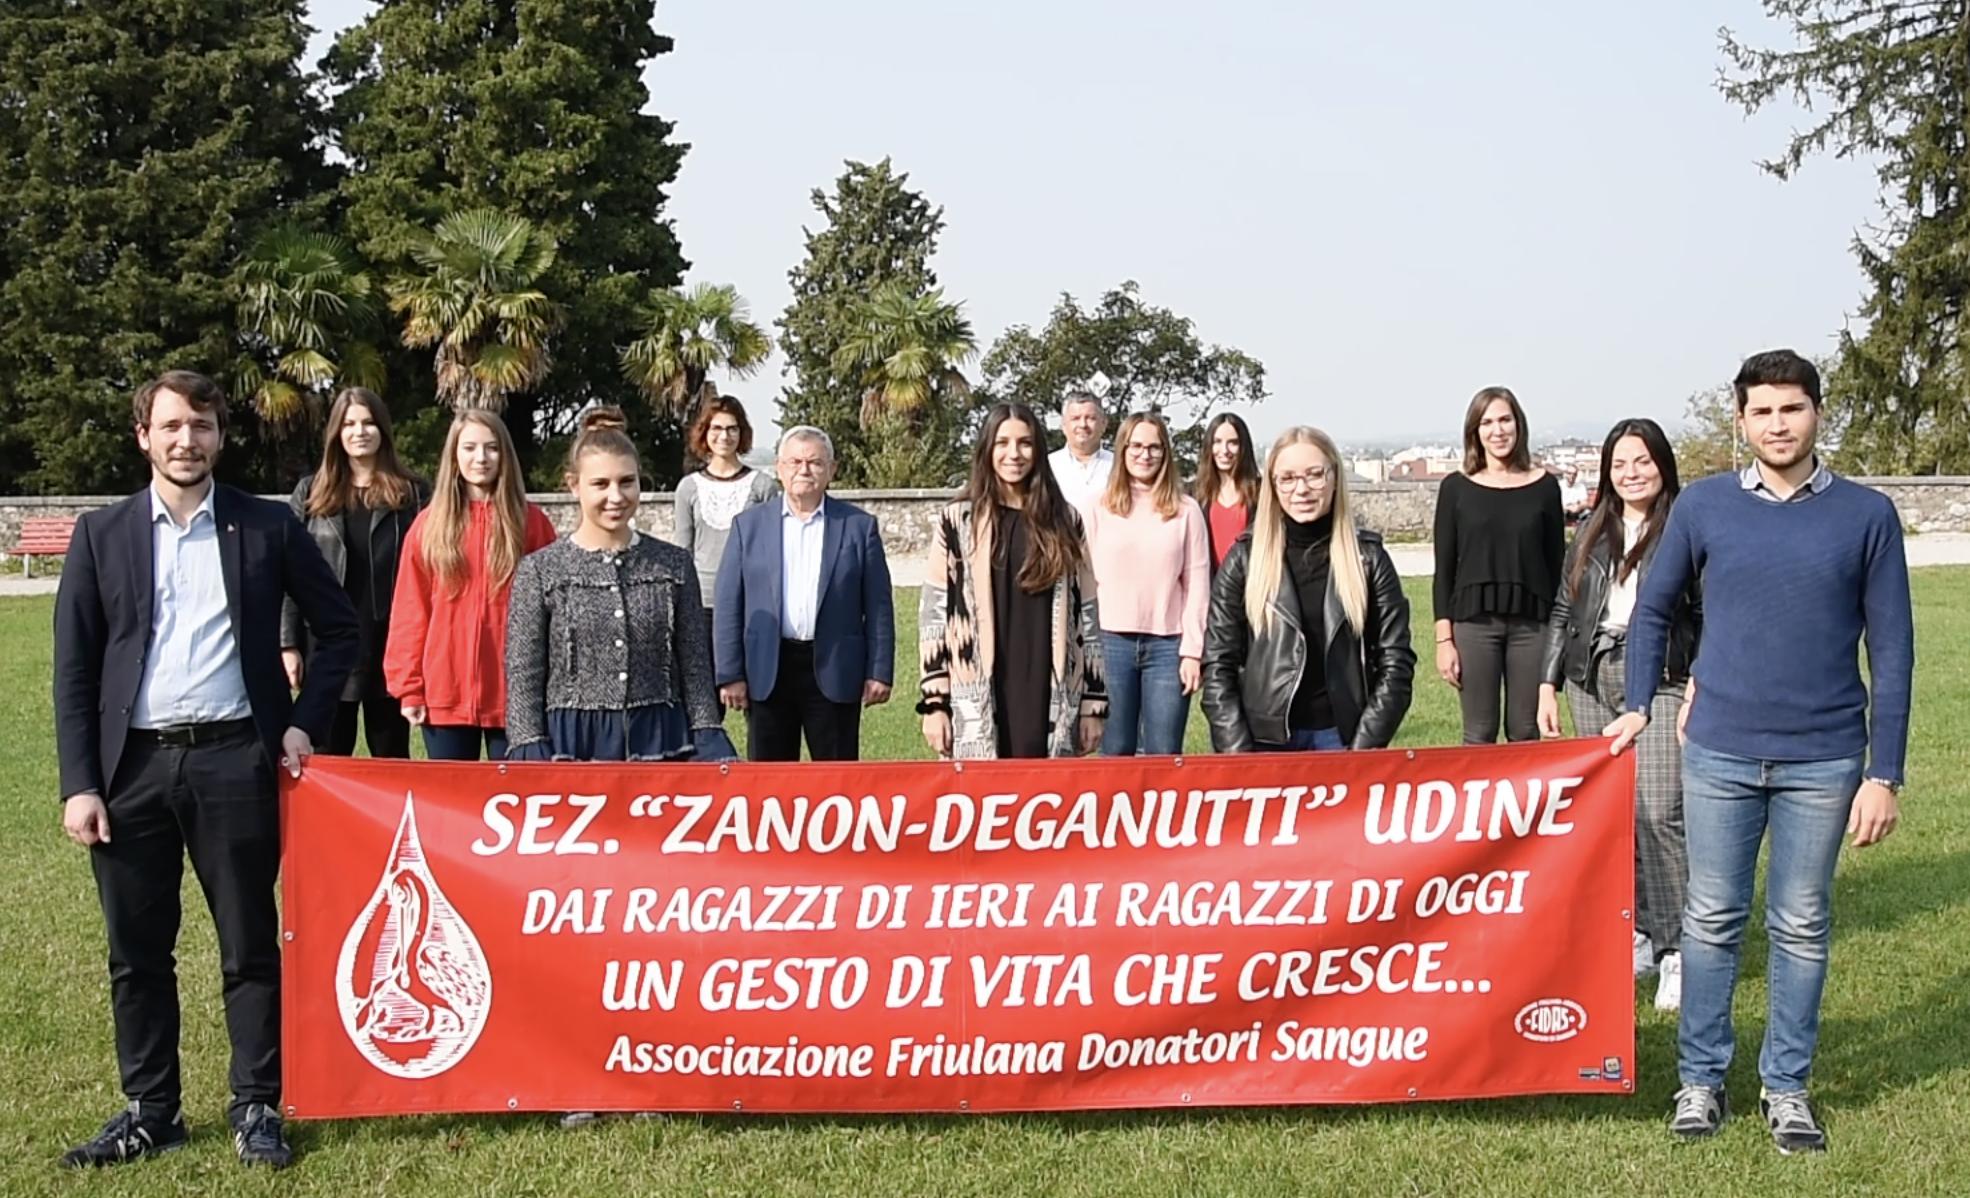 50 candeline per la sezione studentesca di AFDS Deganutti-Zanon